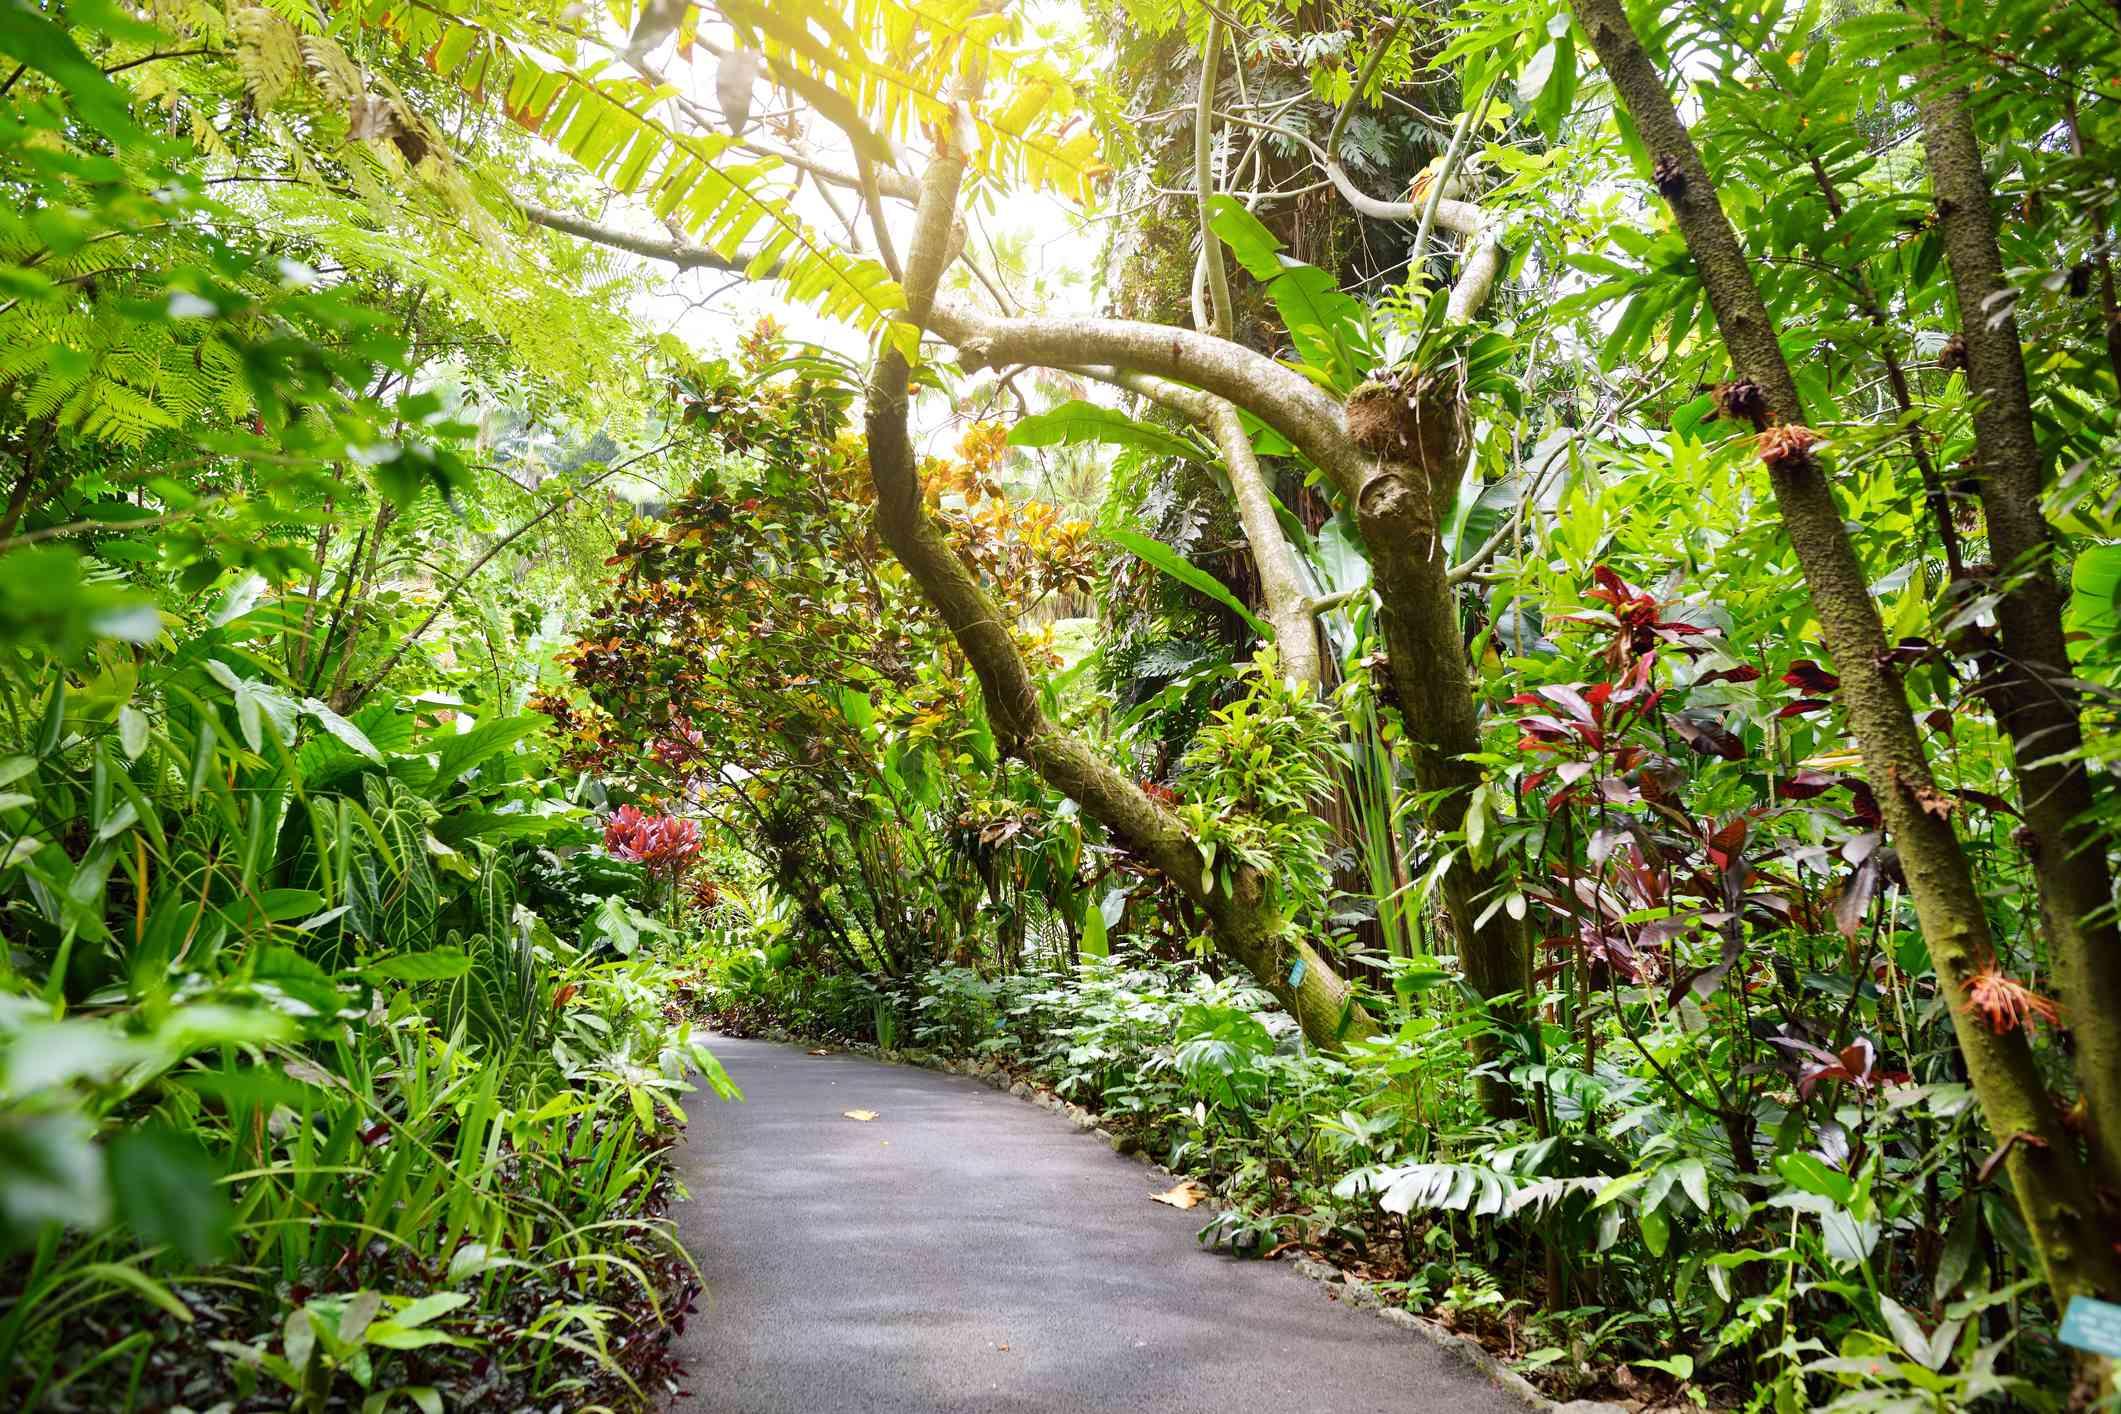 Hawaii Tropical Botanical Gardens on Big Island of Hawaii